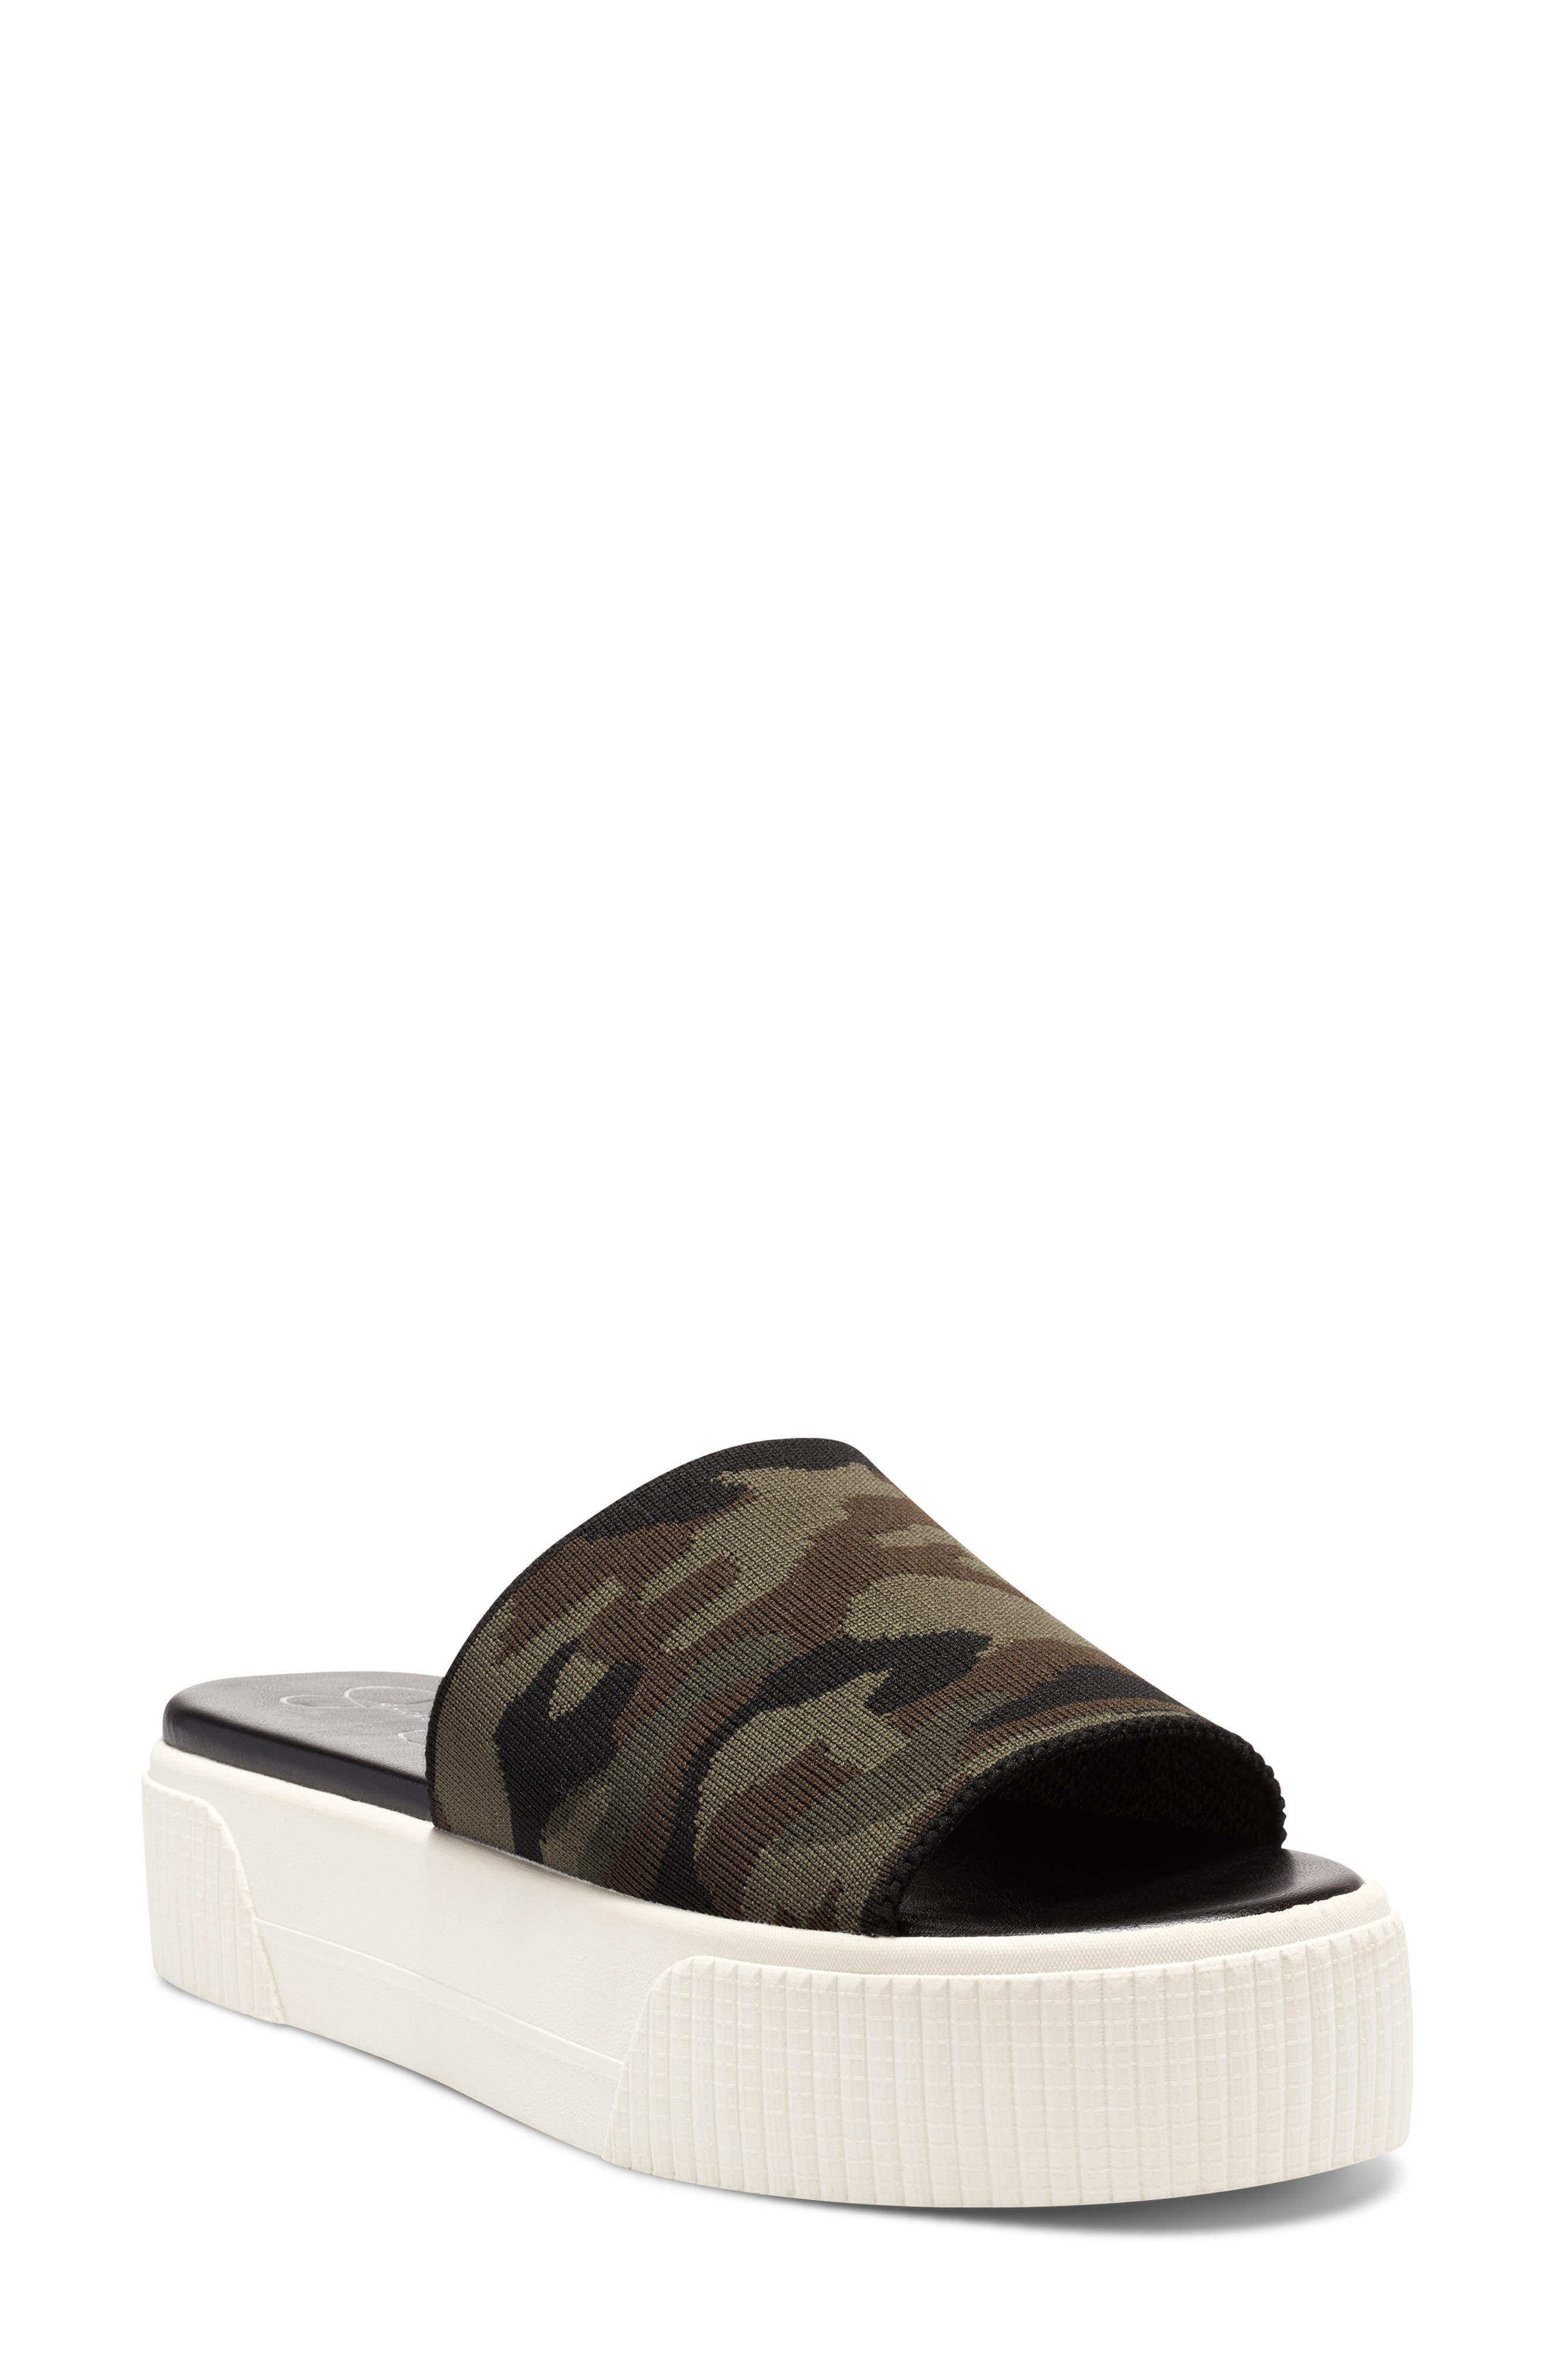 Ezira Platform Slide Sandal